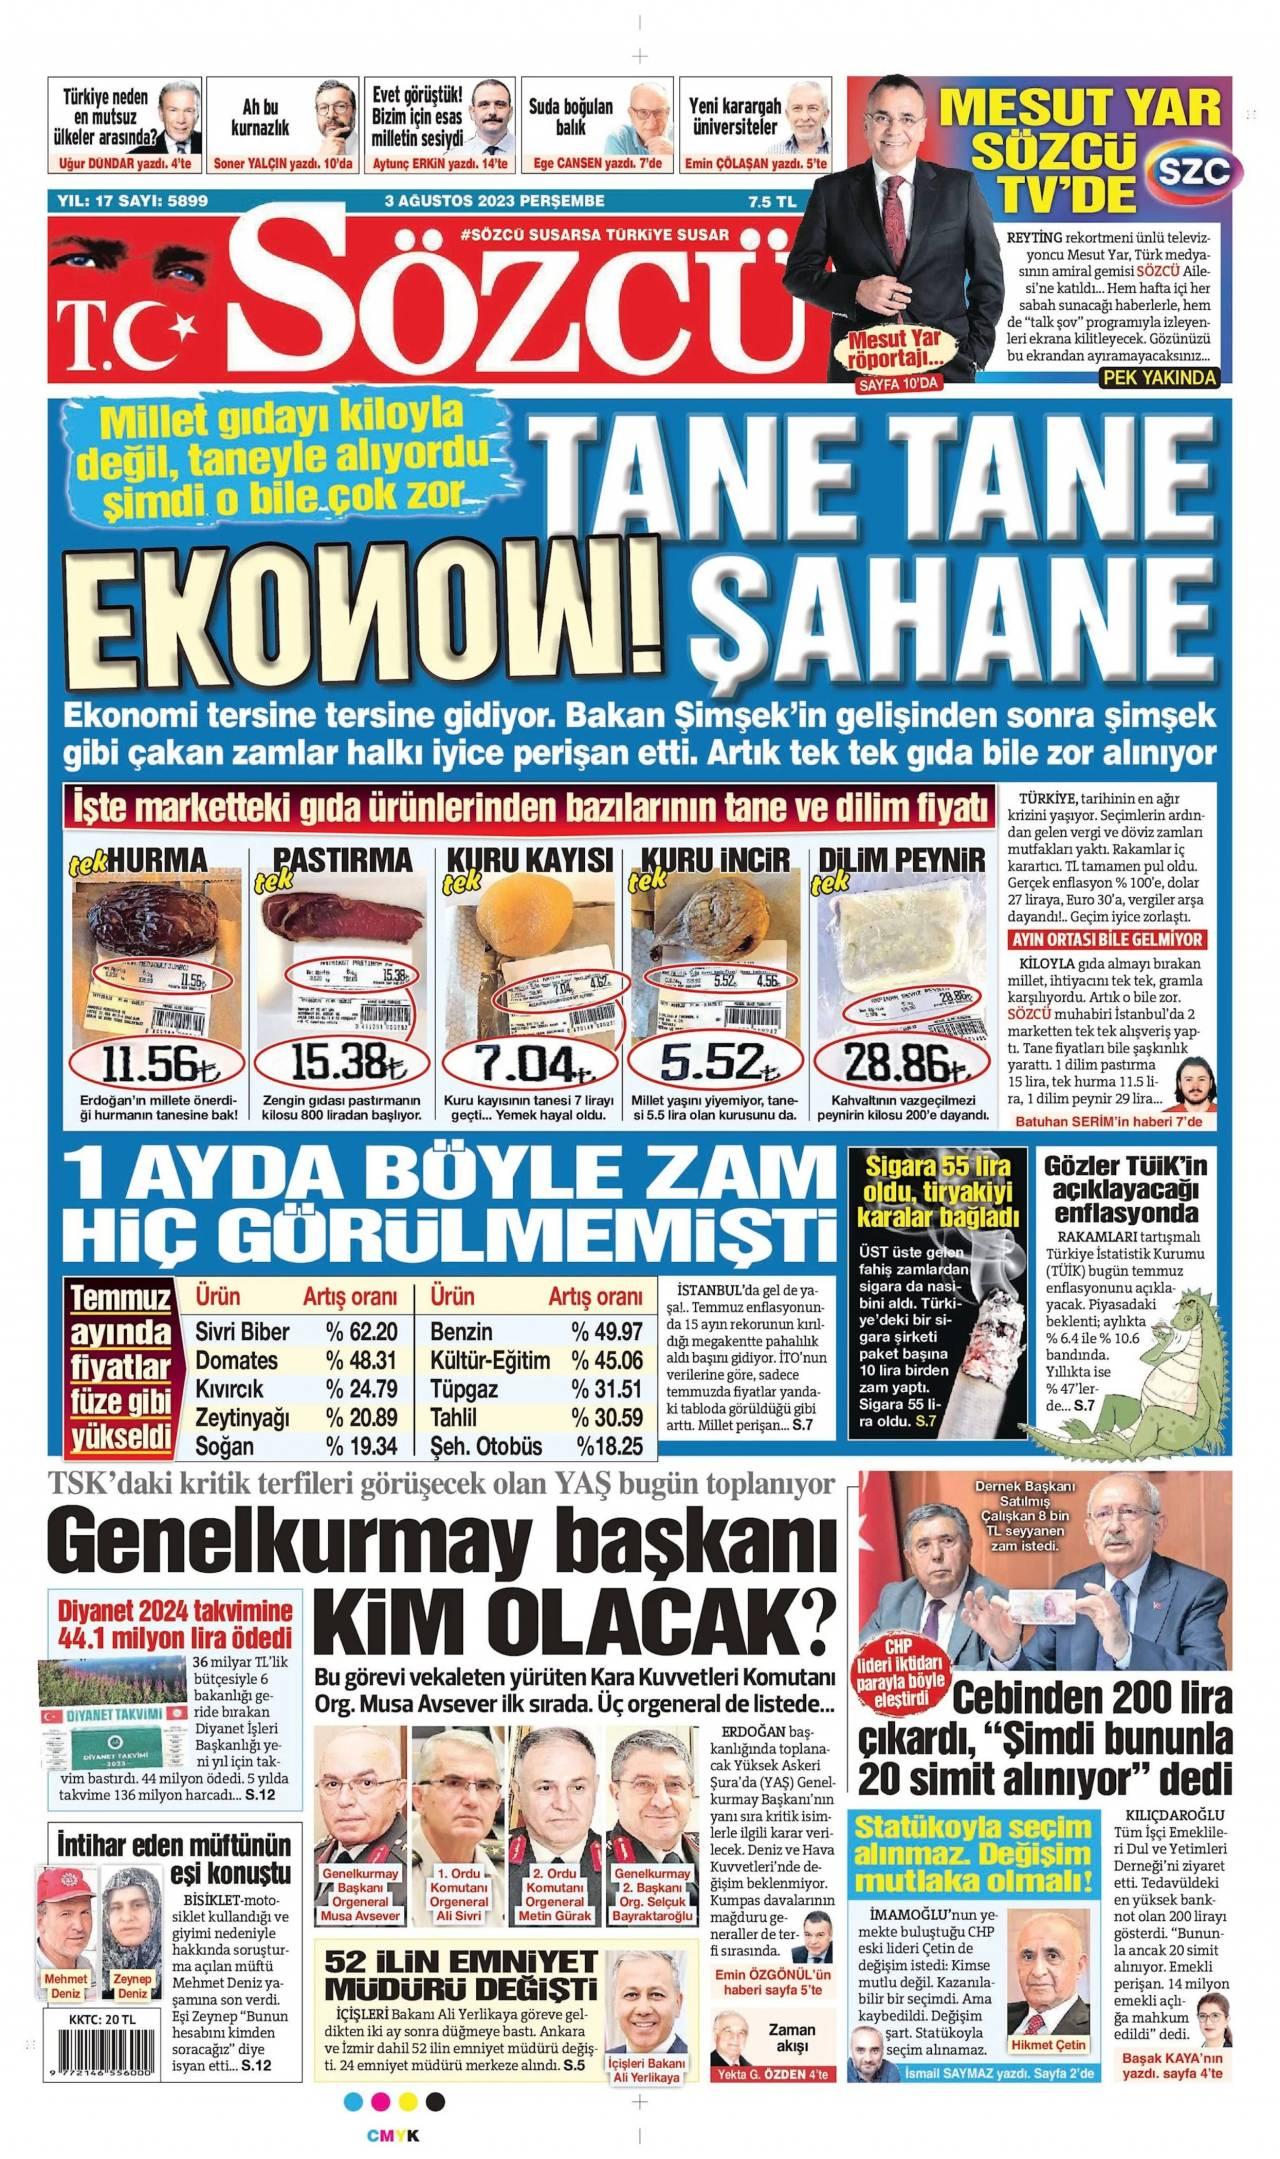 sozcu Gazetesi 1. sayfası